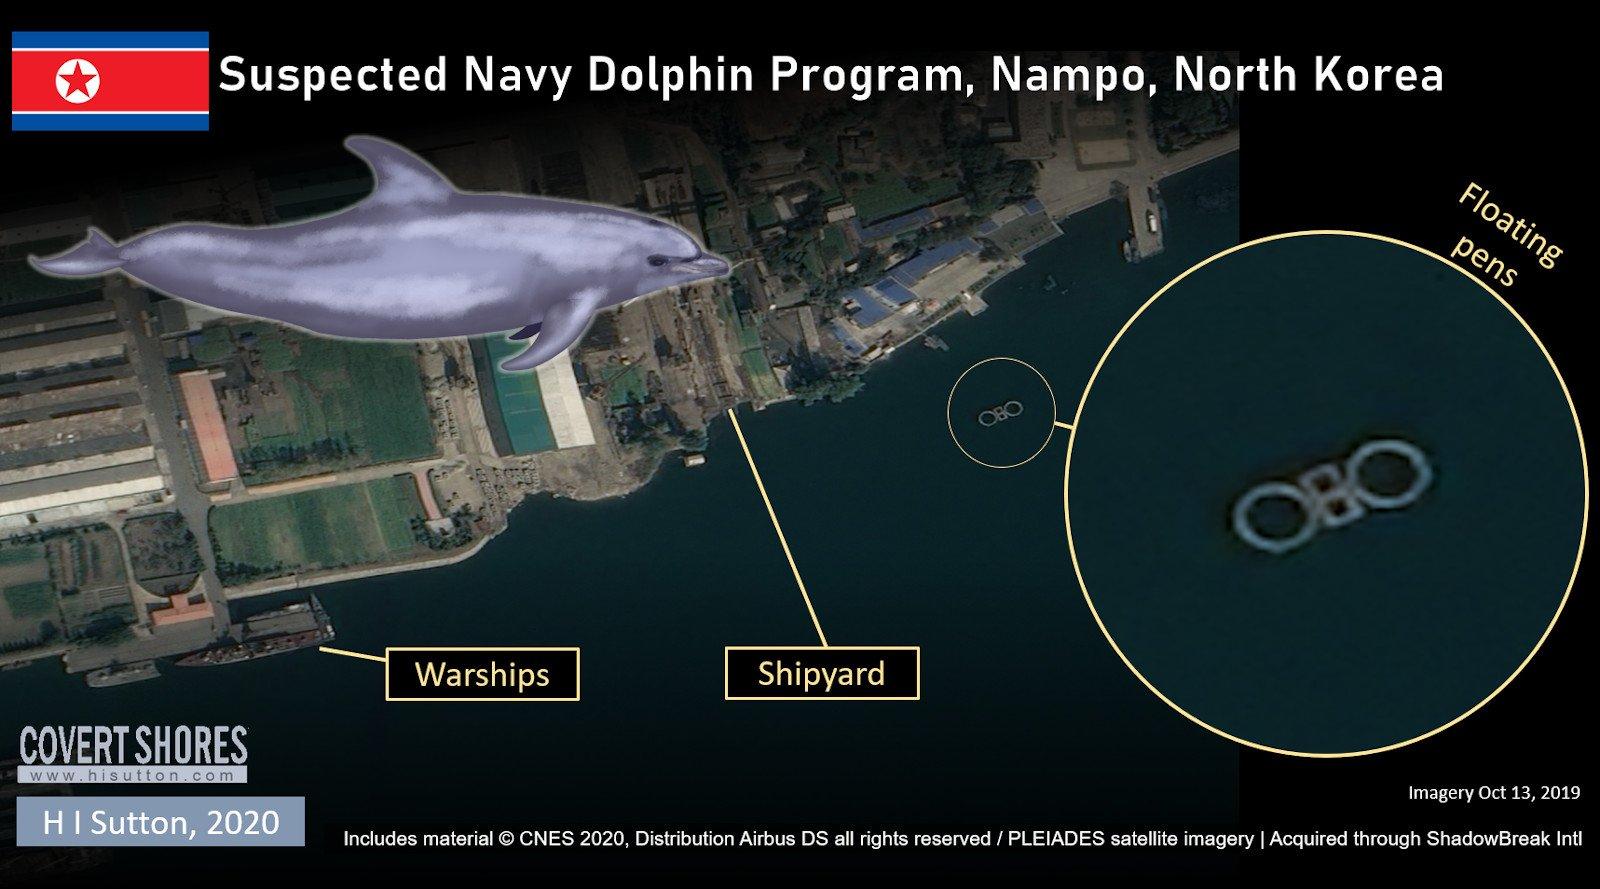 بر اساس اسناد تازه و تصاویر ماهواره ای، کره شمالی در حال آموزش دلفین ها برای اهداف نظامی مانند مین روبی و حمله به غواصان دشمن است.